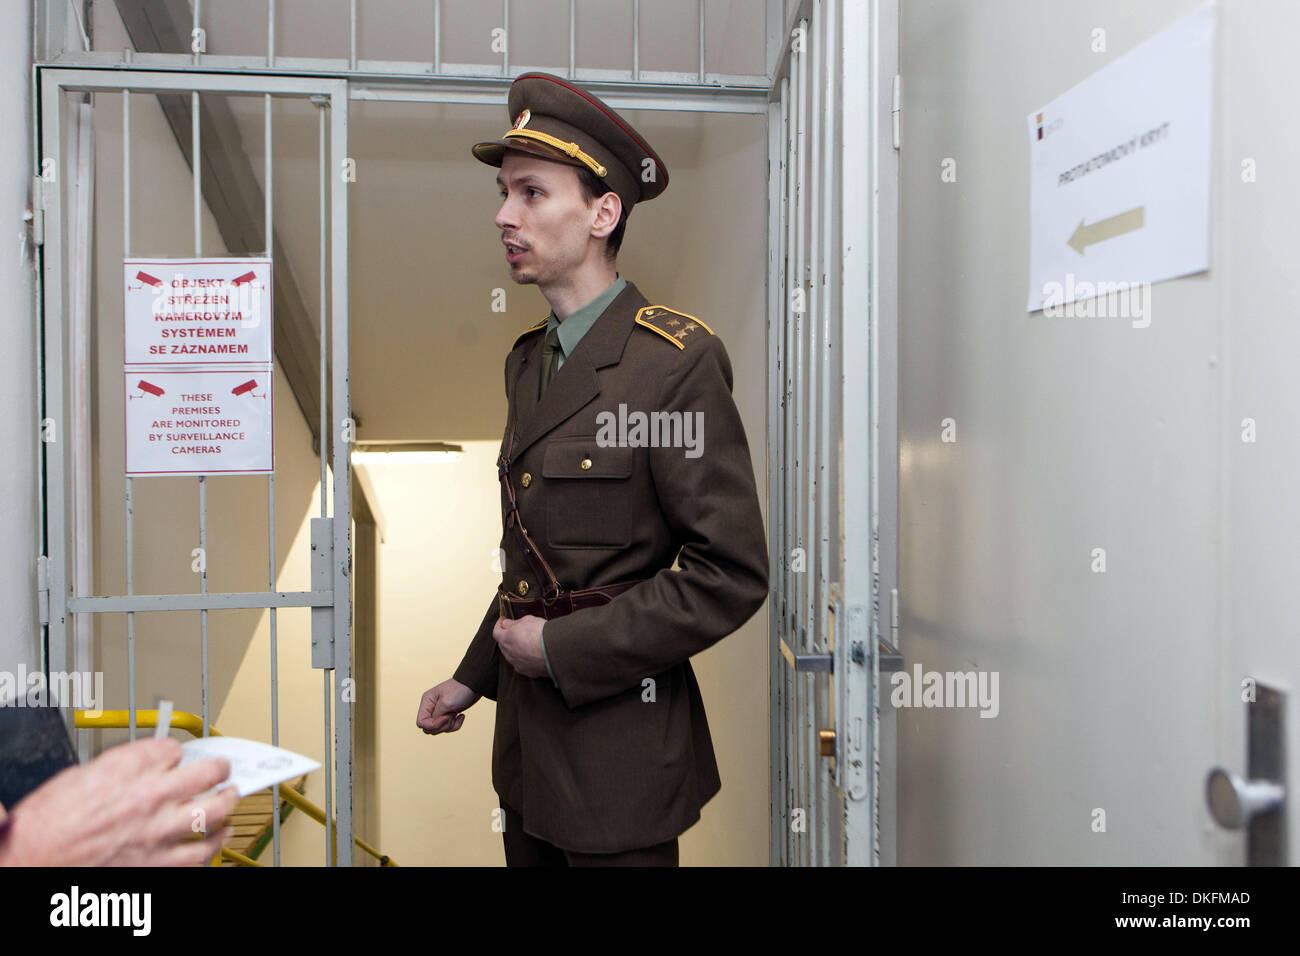 Spy Museum en Jalta Hotel. El subterráneo del hotel está el Museo de la guerra fría. Praga, República Checa, un hombre en uniforme de la era comunista, entrada Imagen De Stock